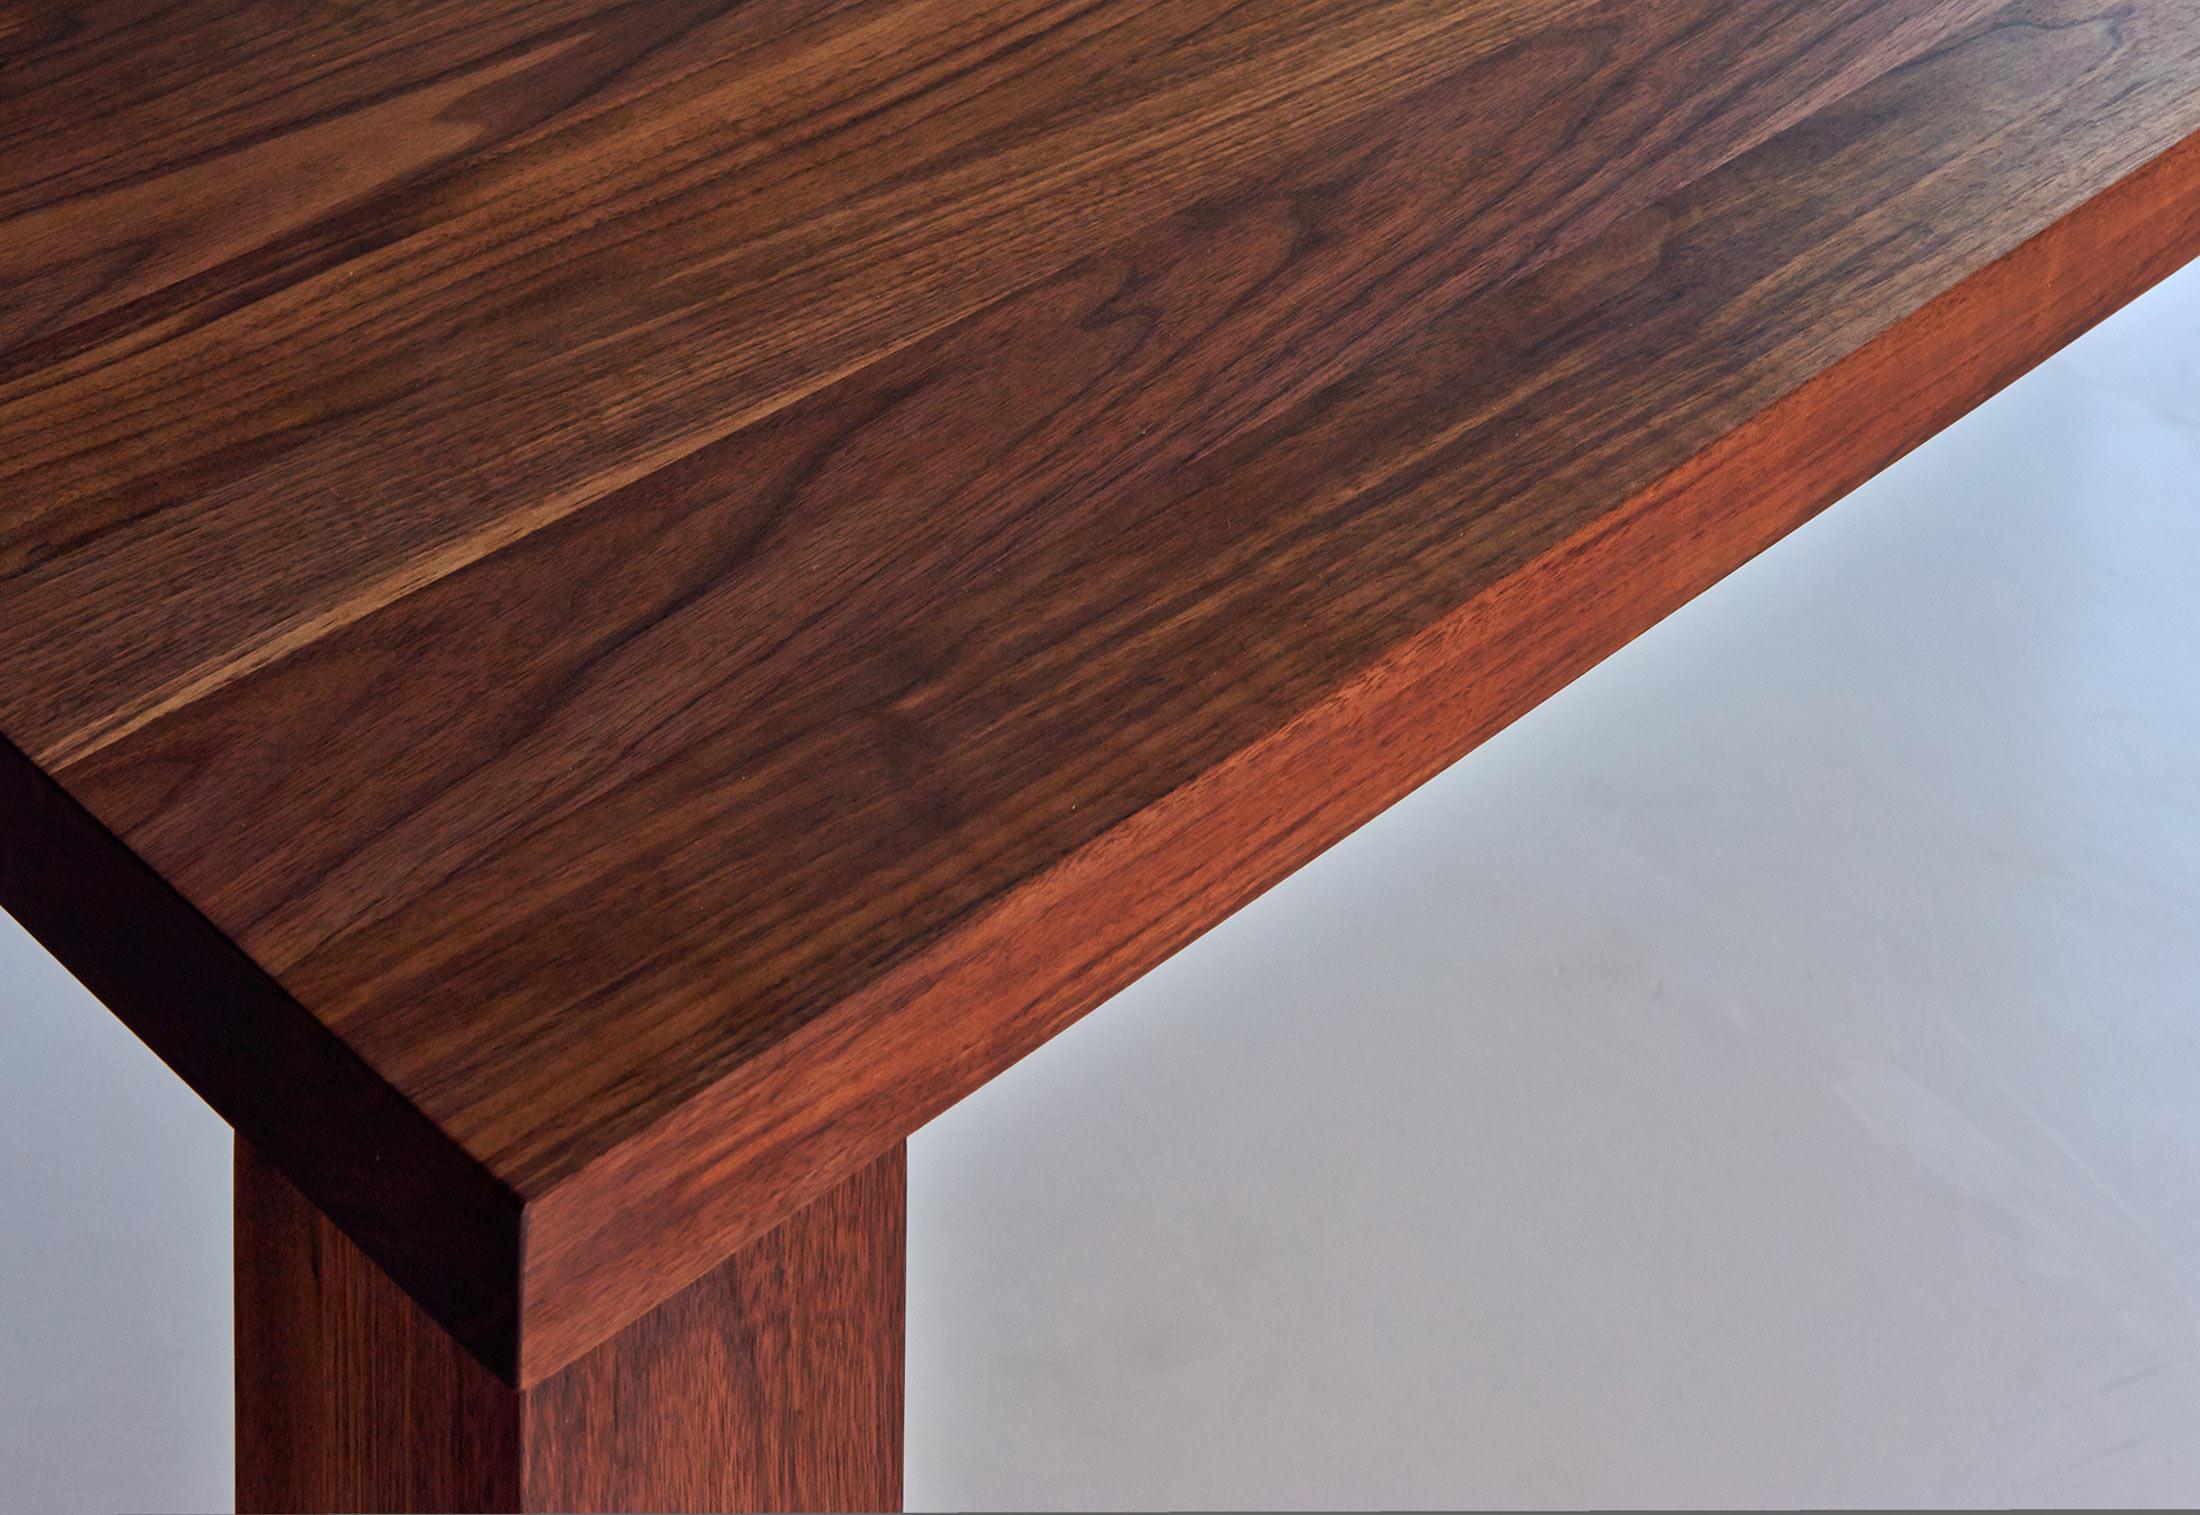 Iustus tisch von vitamin design stylepark for Vitamin design tisch nojus